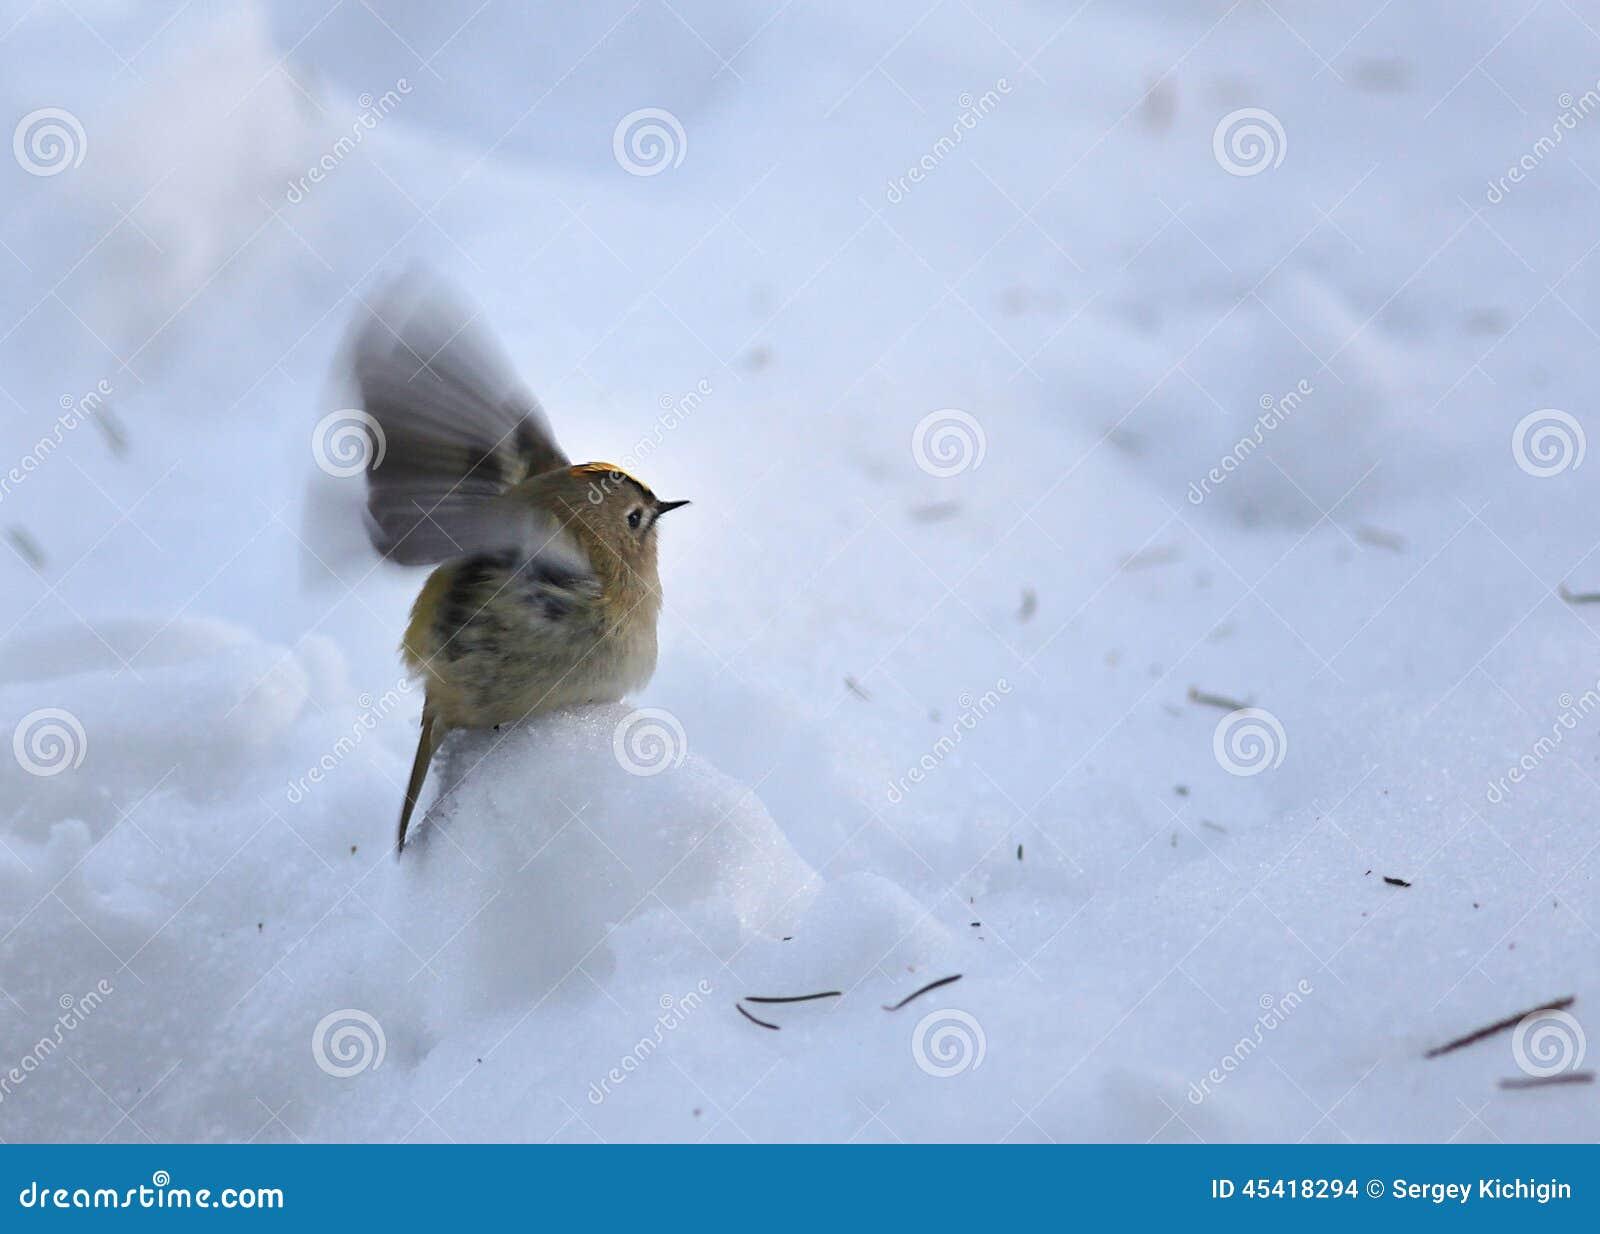 petit oiseau pendant l 39 hiver froid photo stock image du alimenter no l 45418294. Black Bedroom Furniture Sets. Home Design Ideas